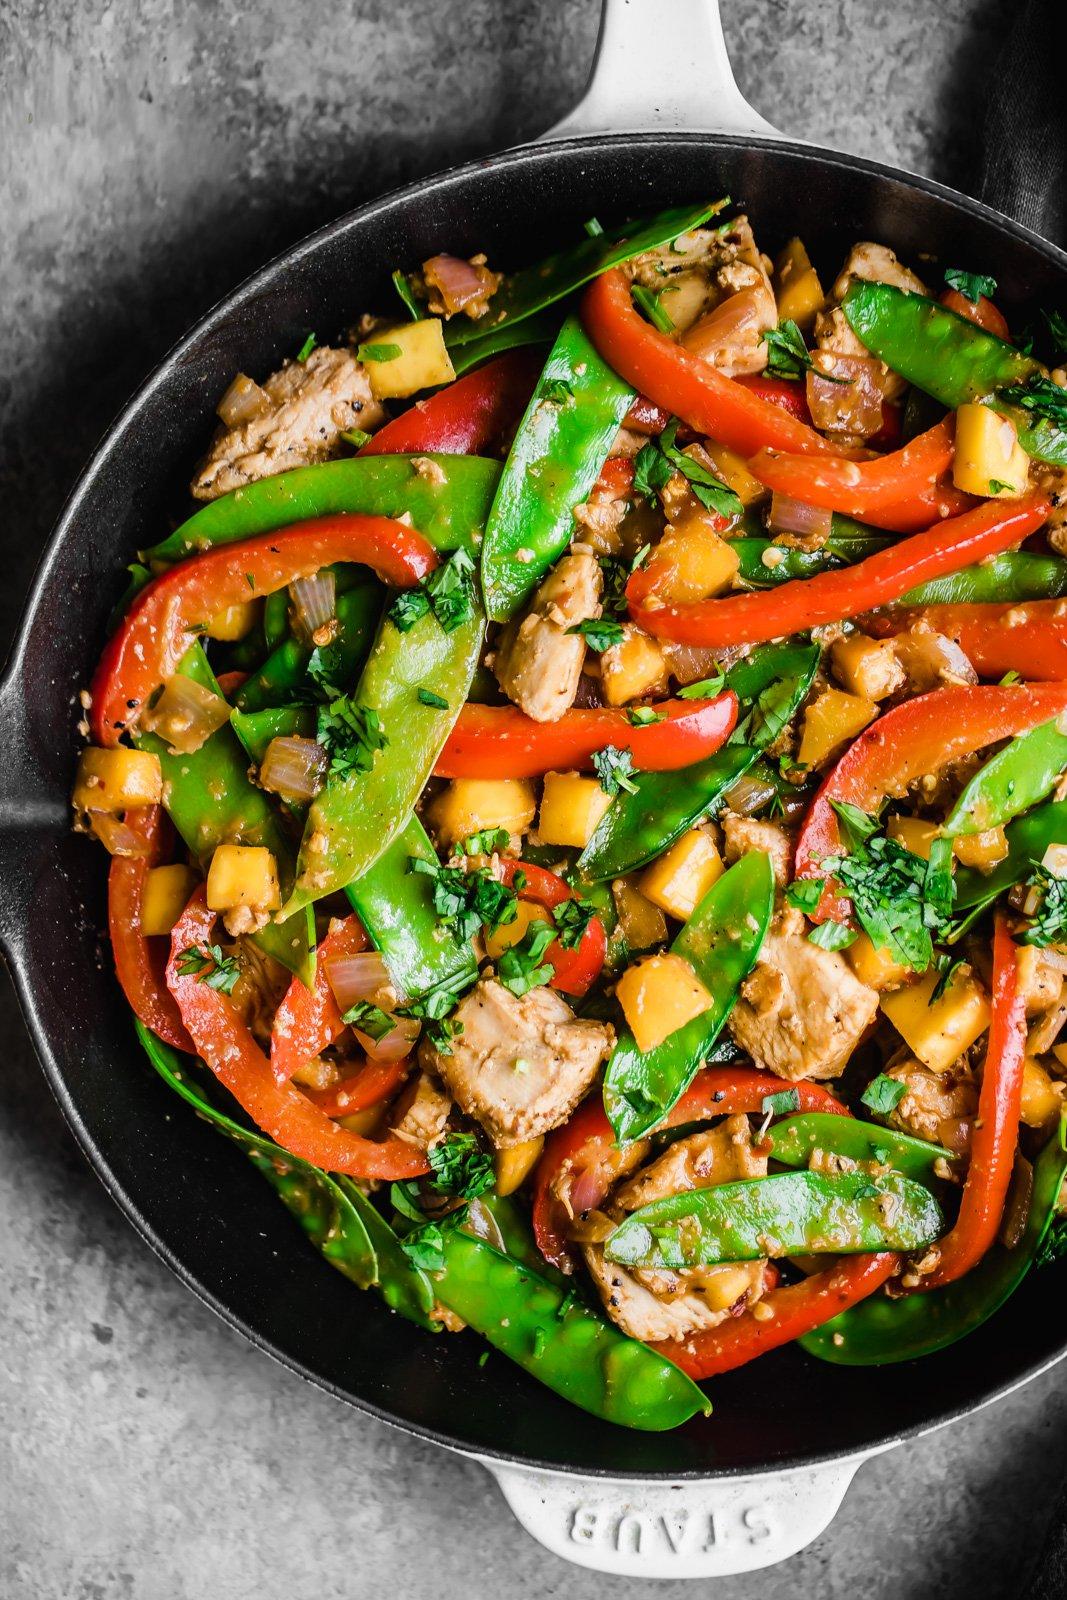 Protein-packed chicken stir-fry